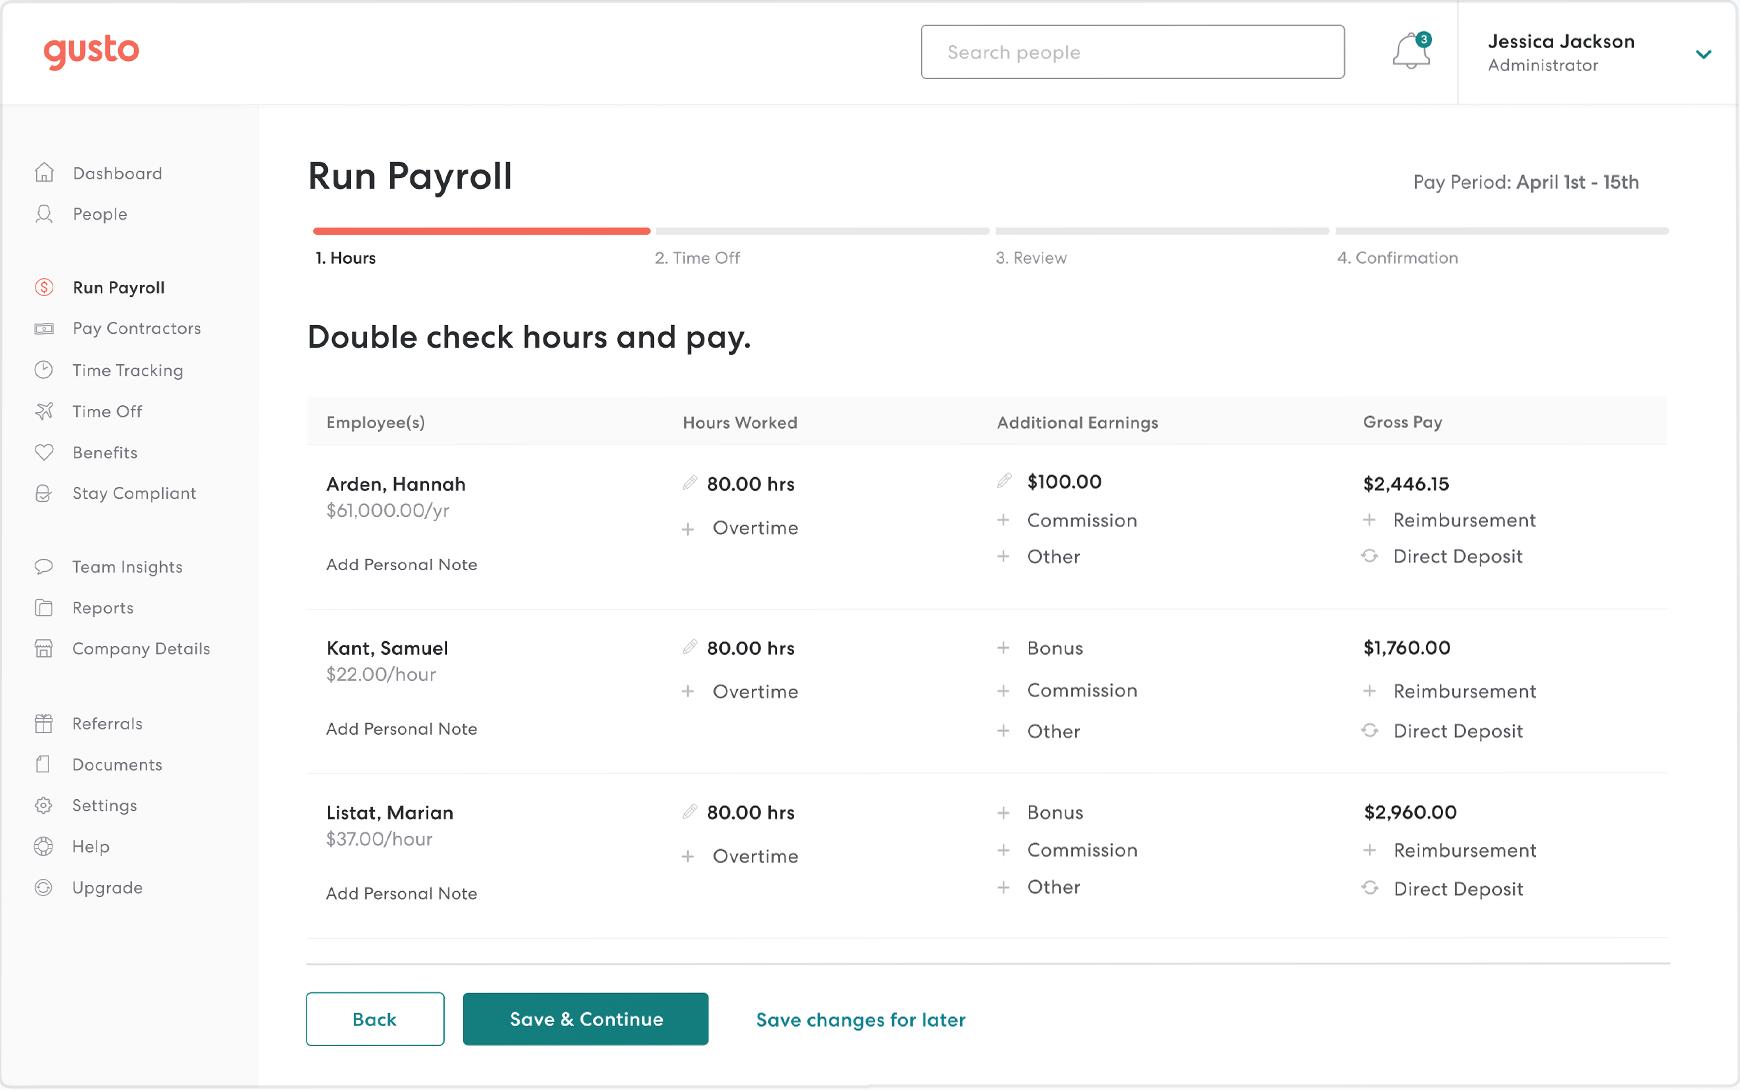 Gusto Software - Gusto run payroll